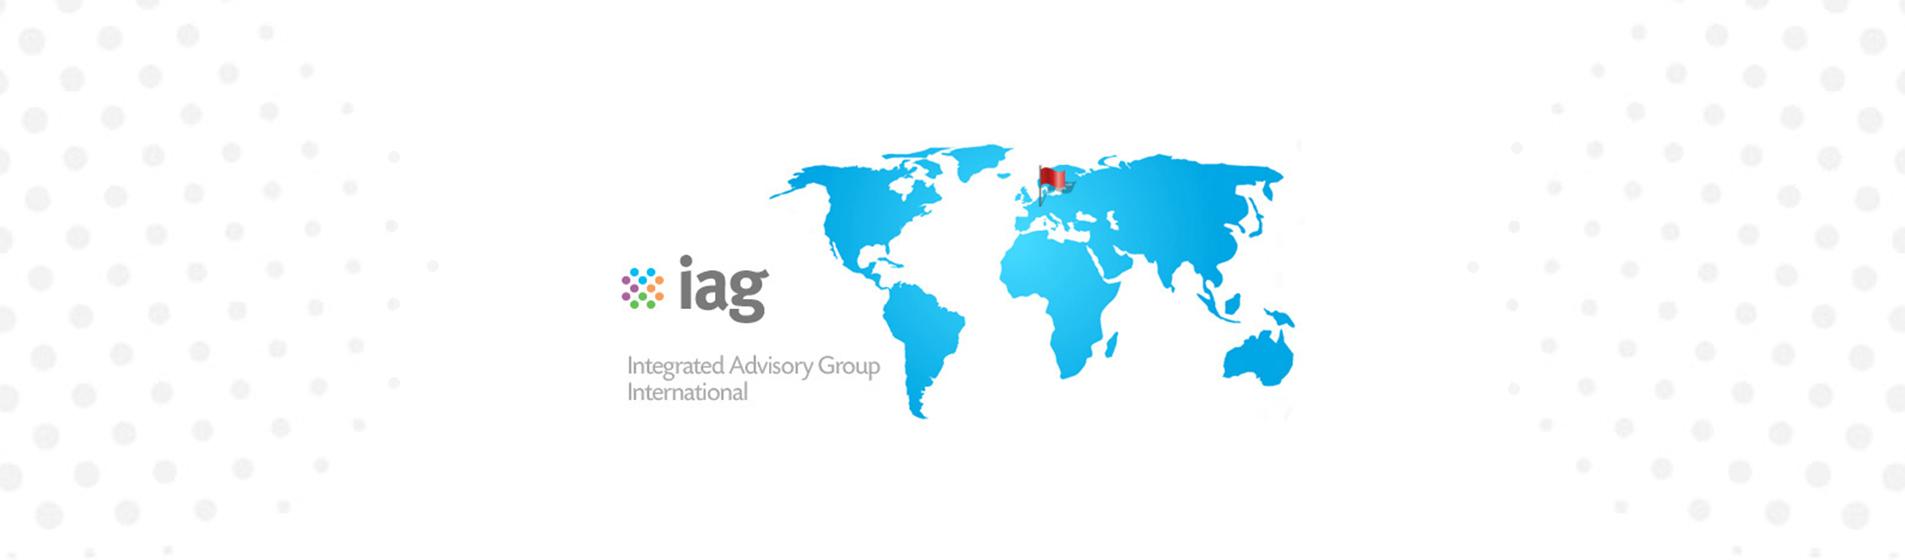 iag_nordeuropa